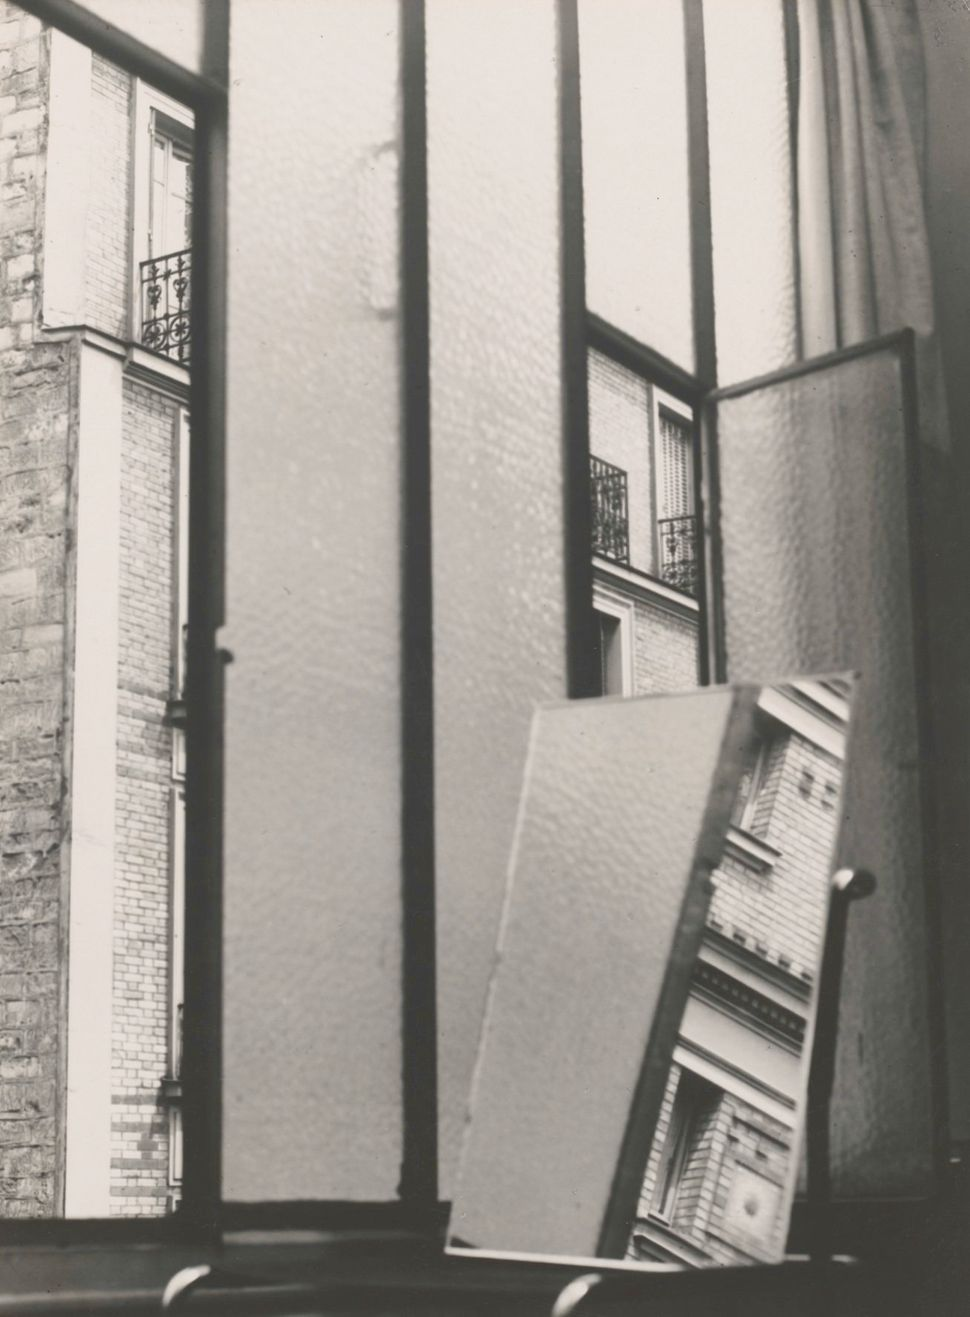 Window 1929 Florence Henri Gelatin silver print period, 37.3 x 27.5 cm.  Staatliche Museen zu Berlin, Kunstbibliothek. Floren